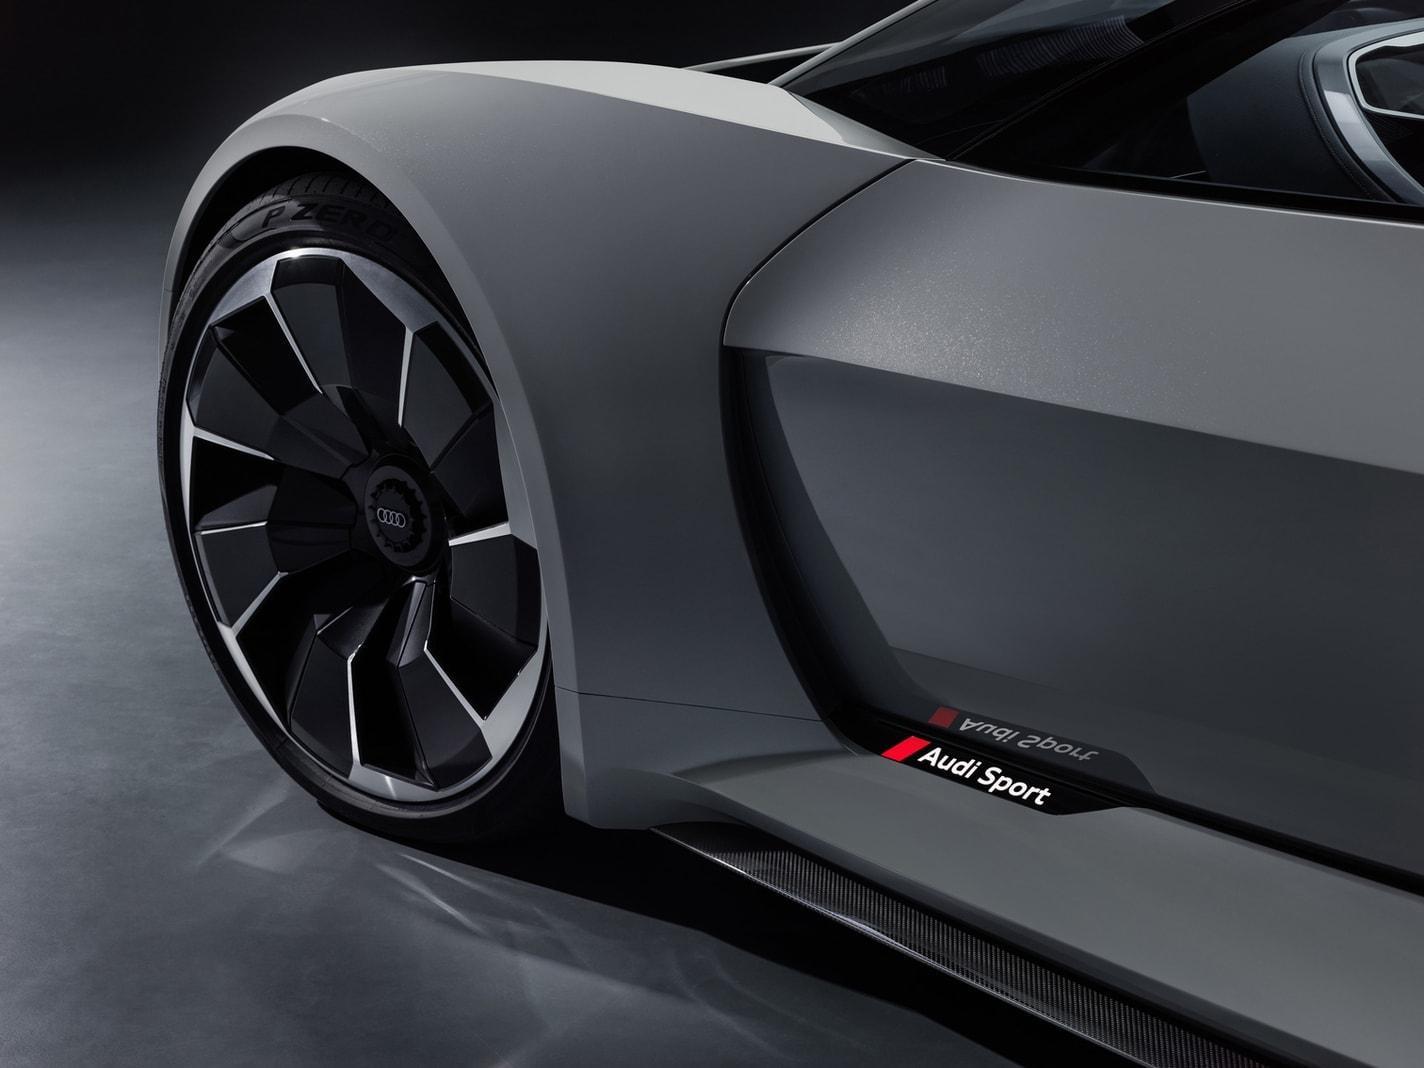 beziffert Audi die Reichweite auf über 500 Kilometer.</p> Foto: AUDI AG